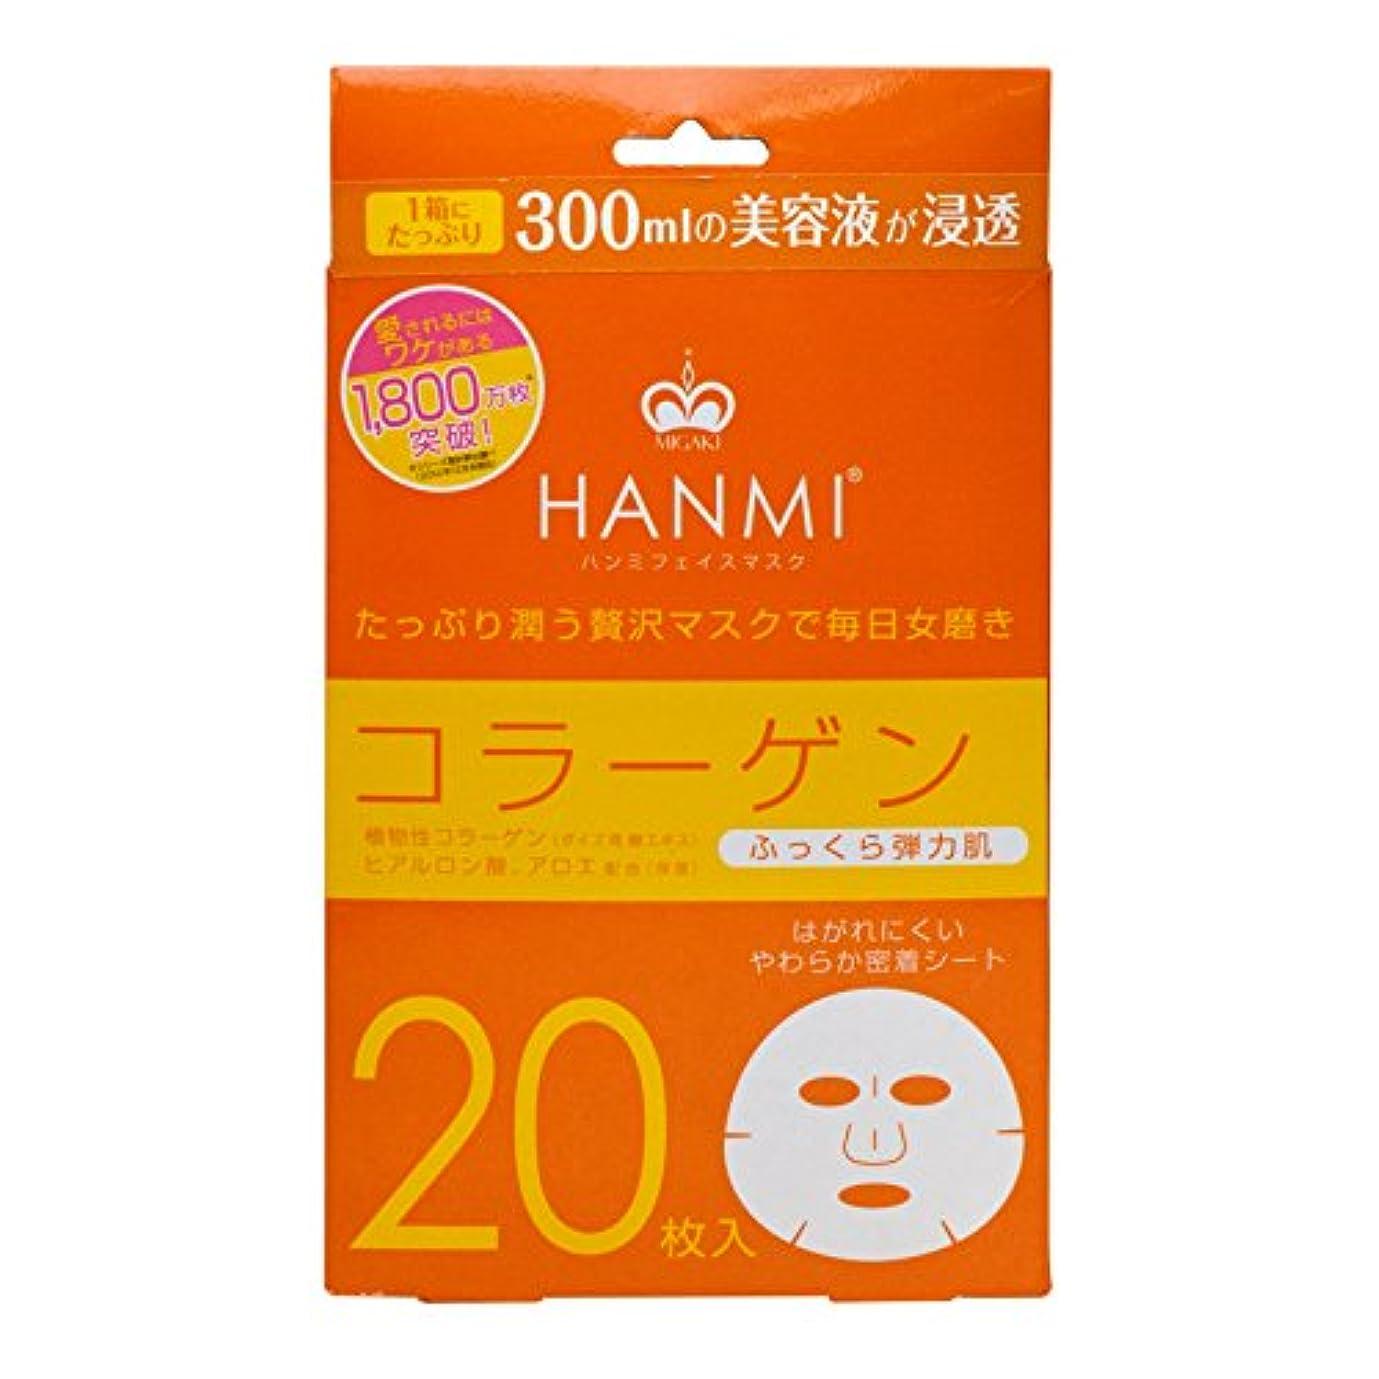 ボート入学するギャップMIGAKI ハンミフェイスマスク コラーゲン 20枚入り